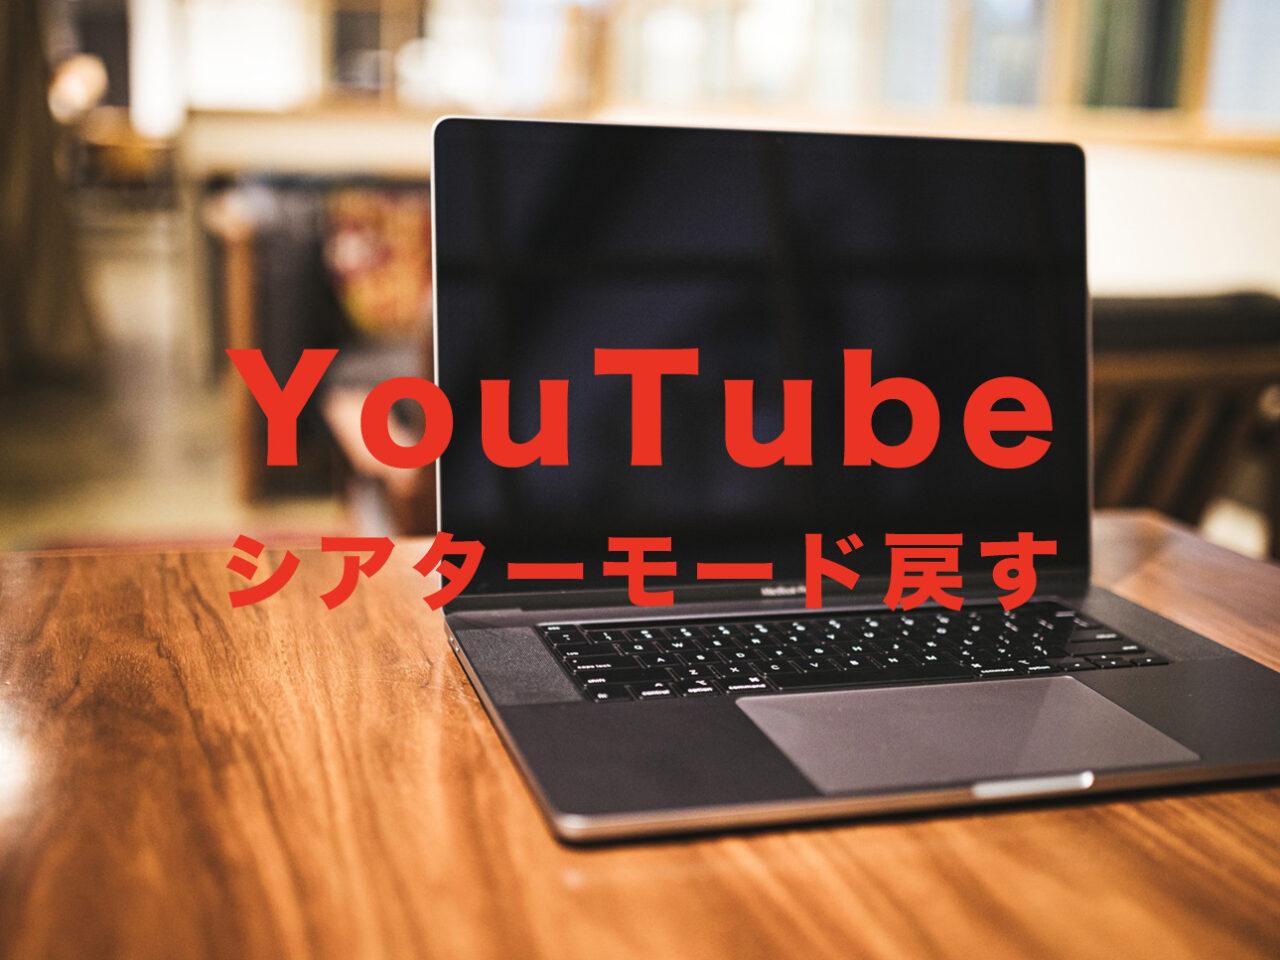 YouTube(ユーチューブ)でシアターモードから戻すには?勝手になる場合の対処法は?のサムネイル画像